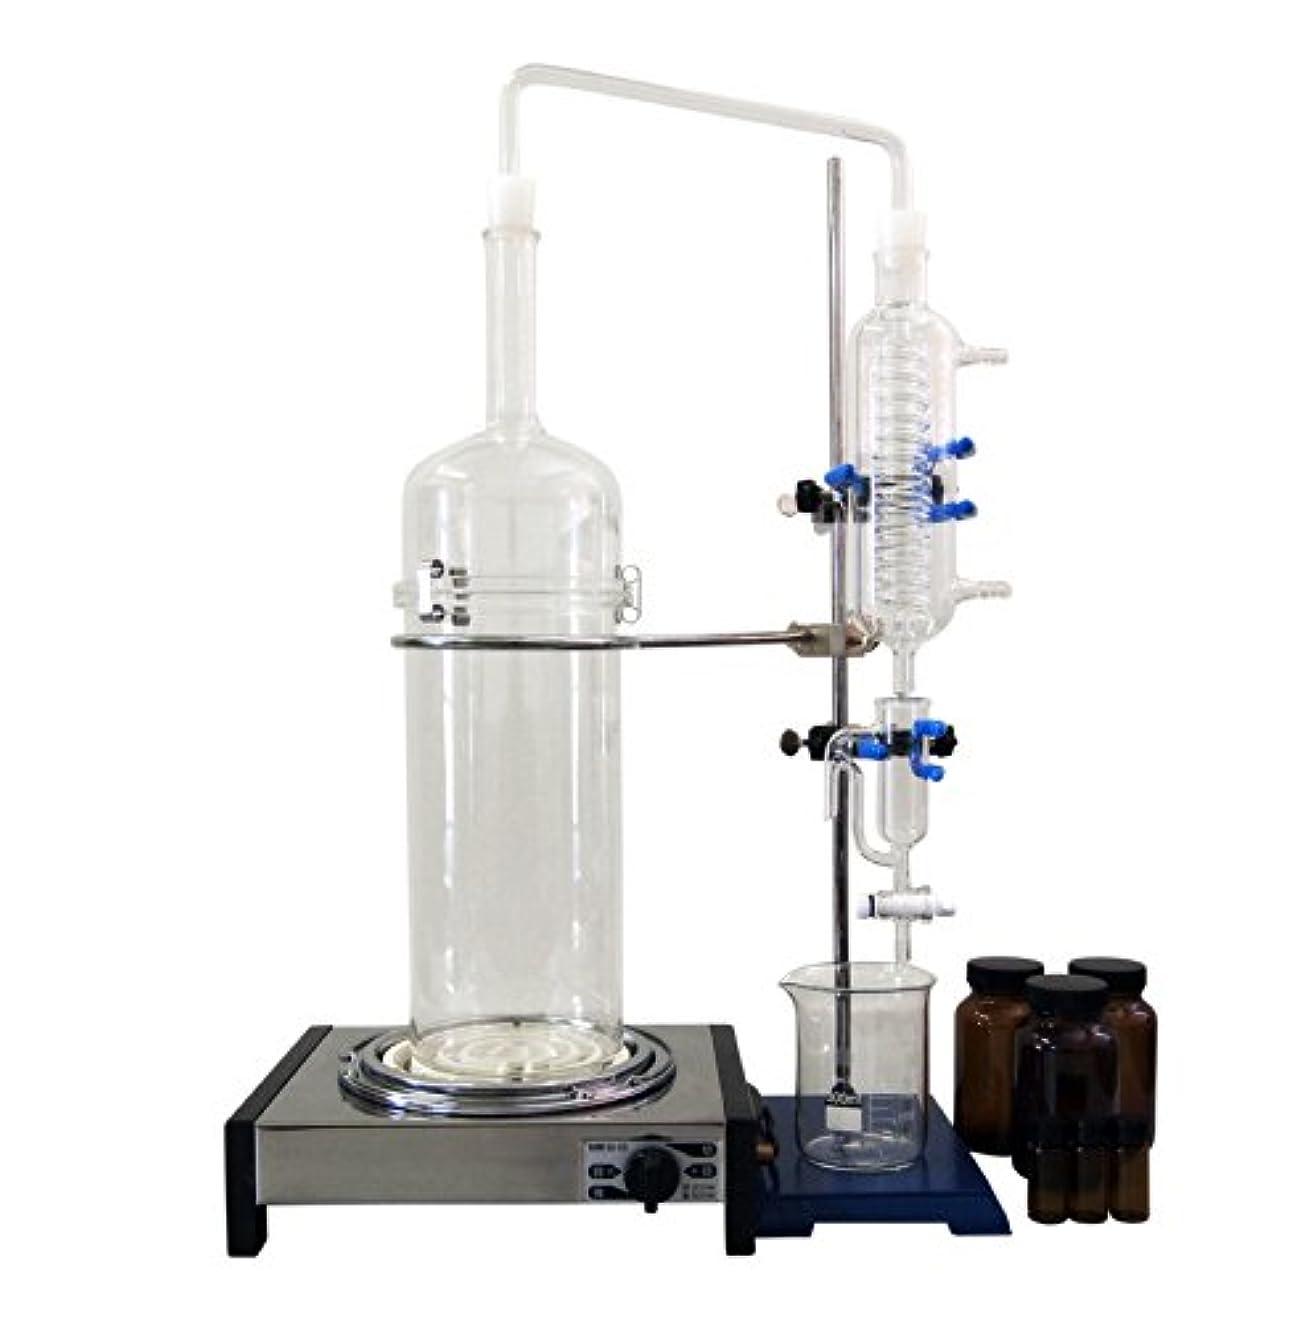 確率可能にする上ハーブ蒸留器/ピュアスティーラーライト/K-HJ200(OilSP) 簡易水循環装置セット